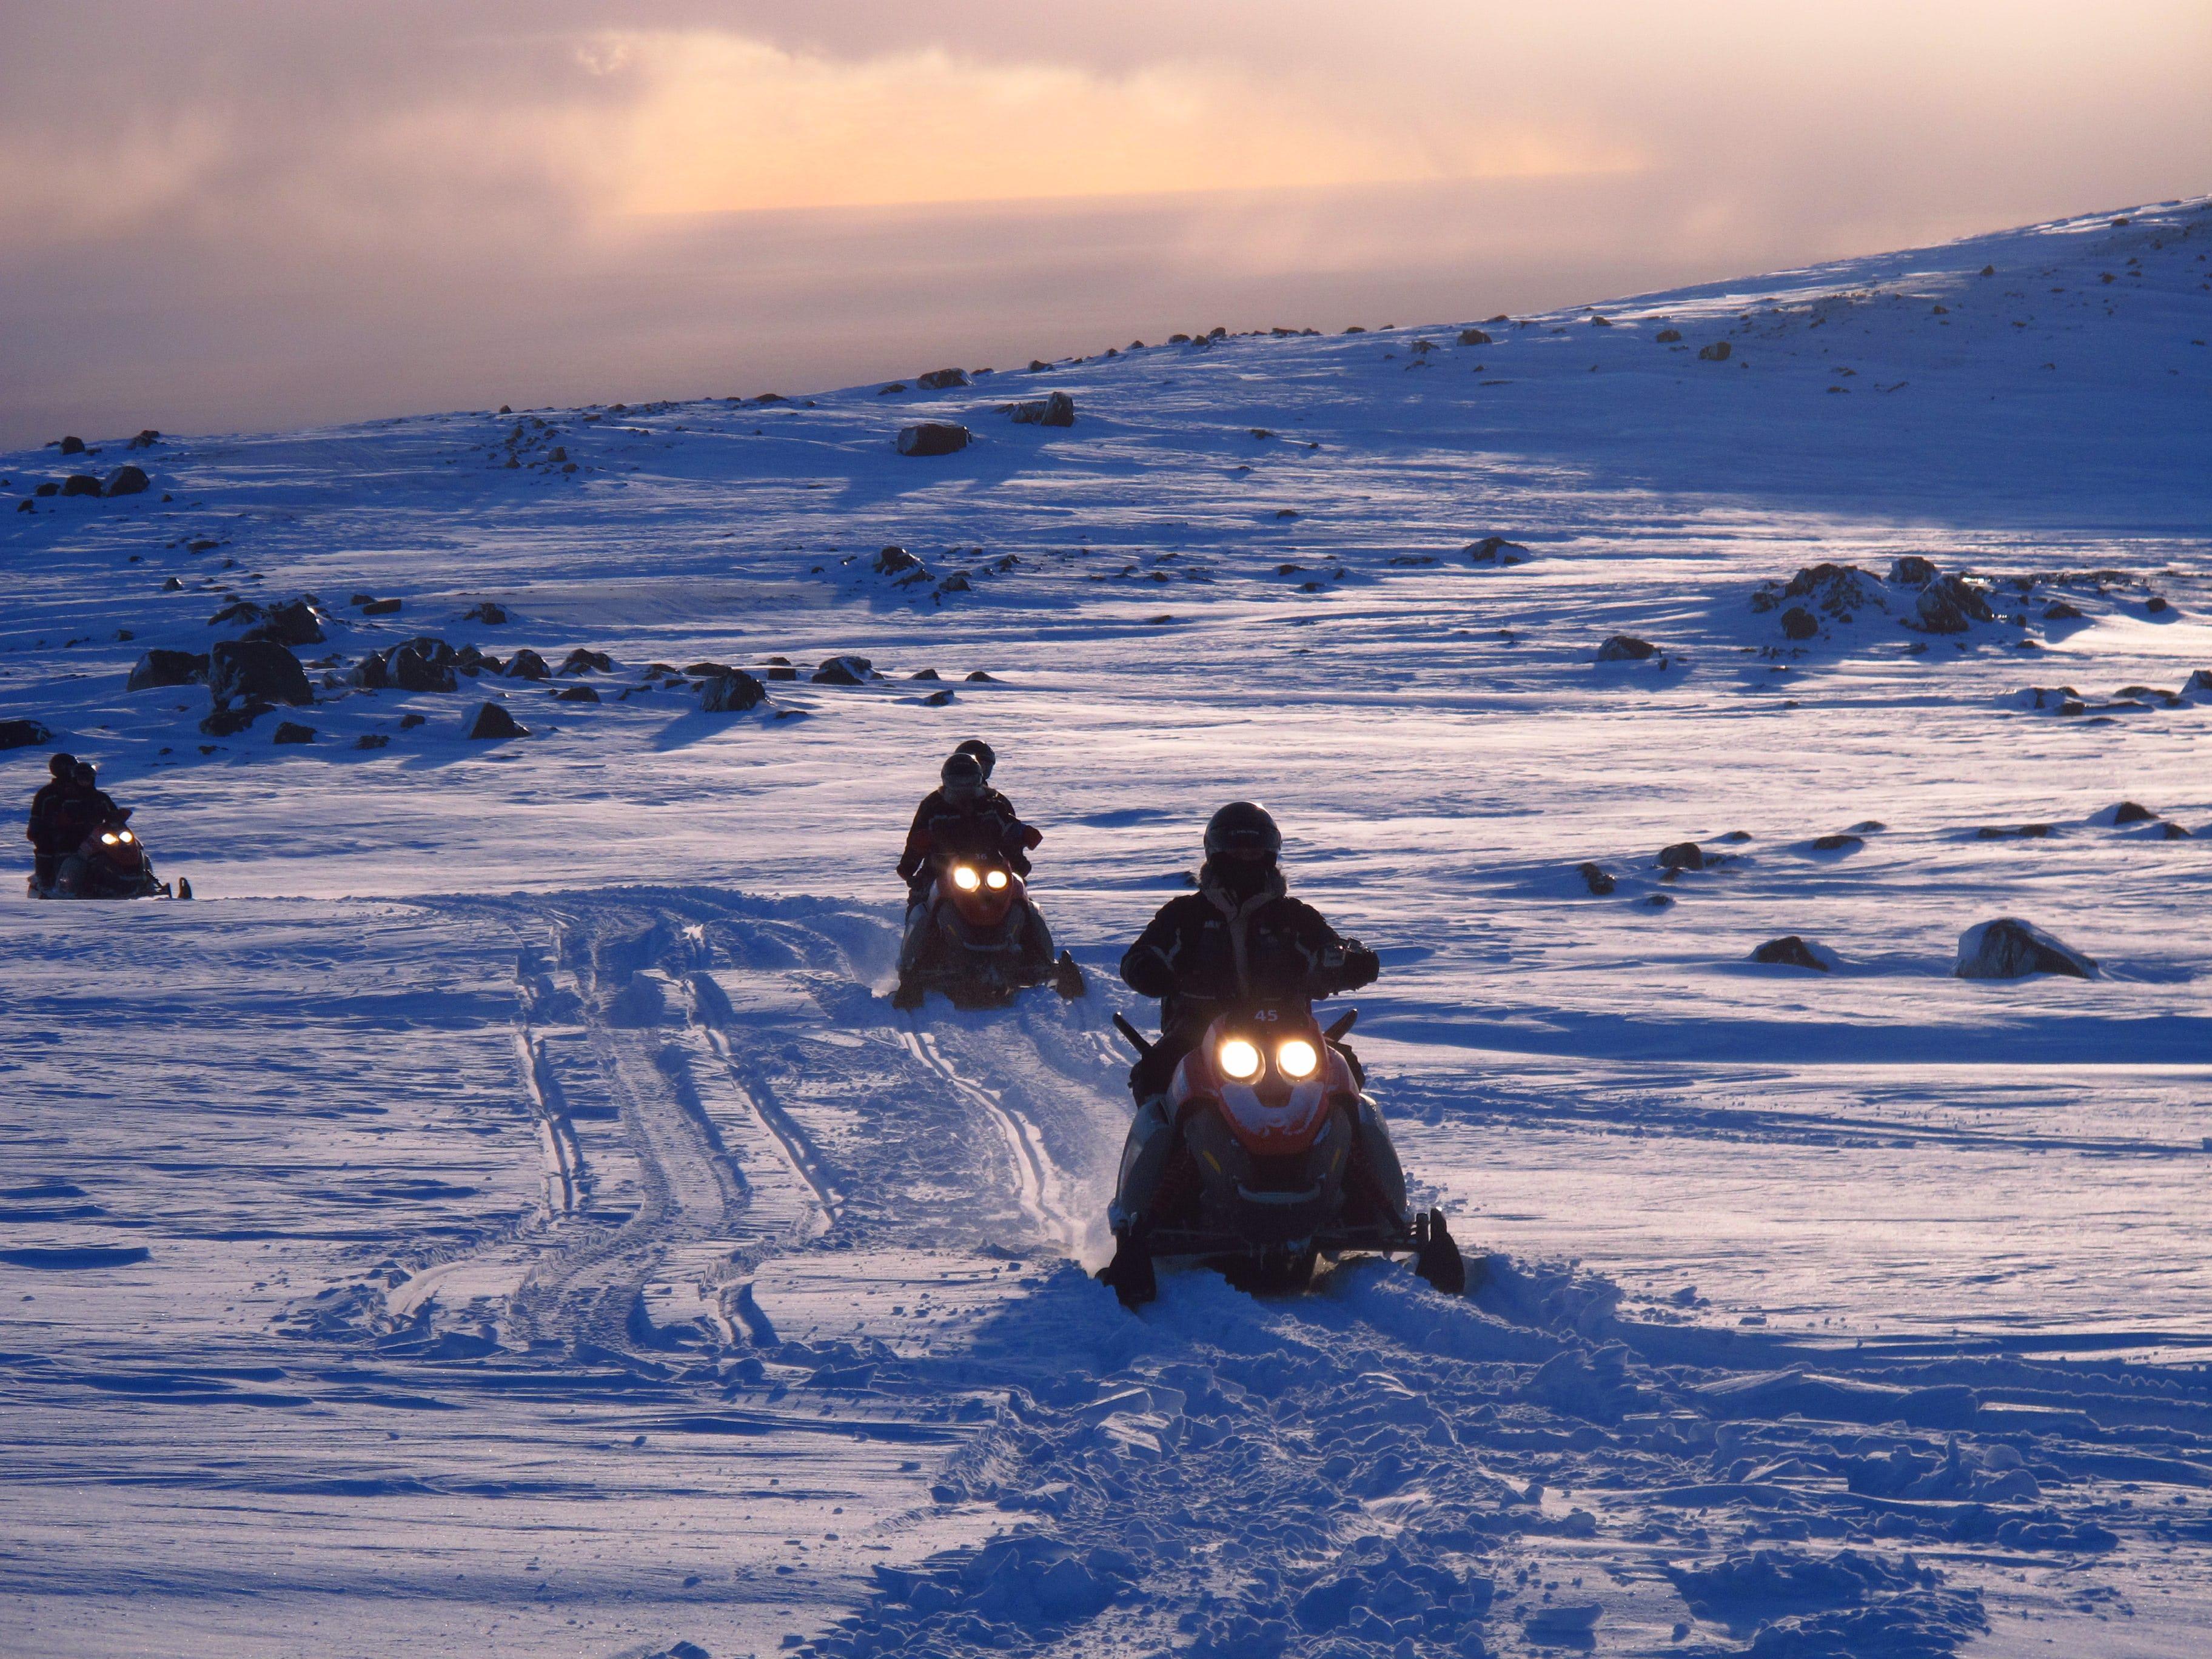 จากจุดที่คุณขับรถเลื่อนน้ำแข็ง คุณจะได้ชมทิวทัศน์ถึง 360 องศาของธารน้ำแข็งมิร์ดาลสโจกุล